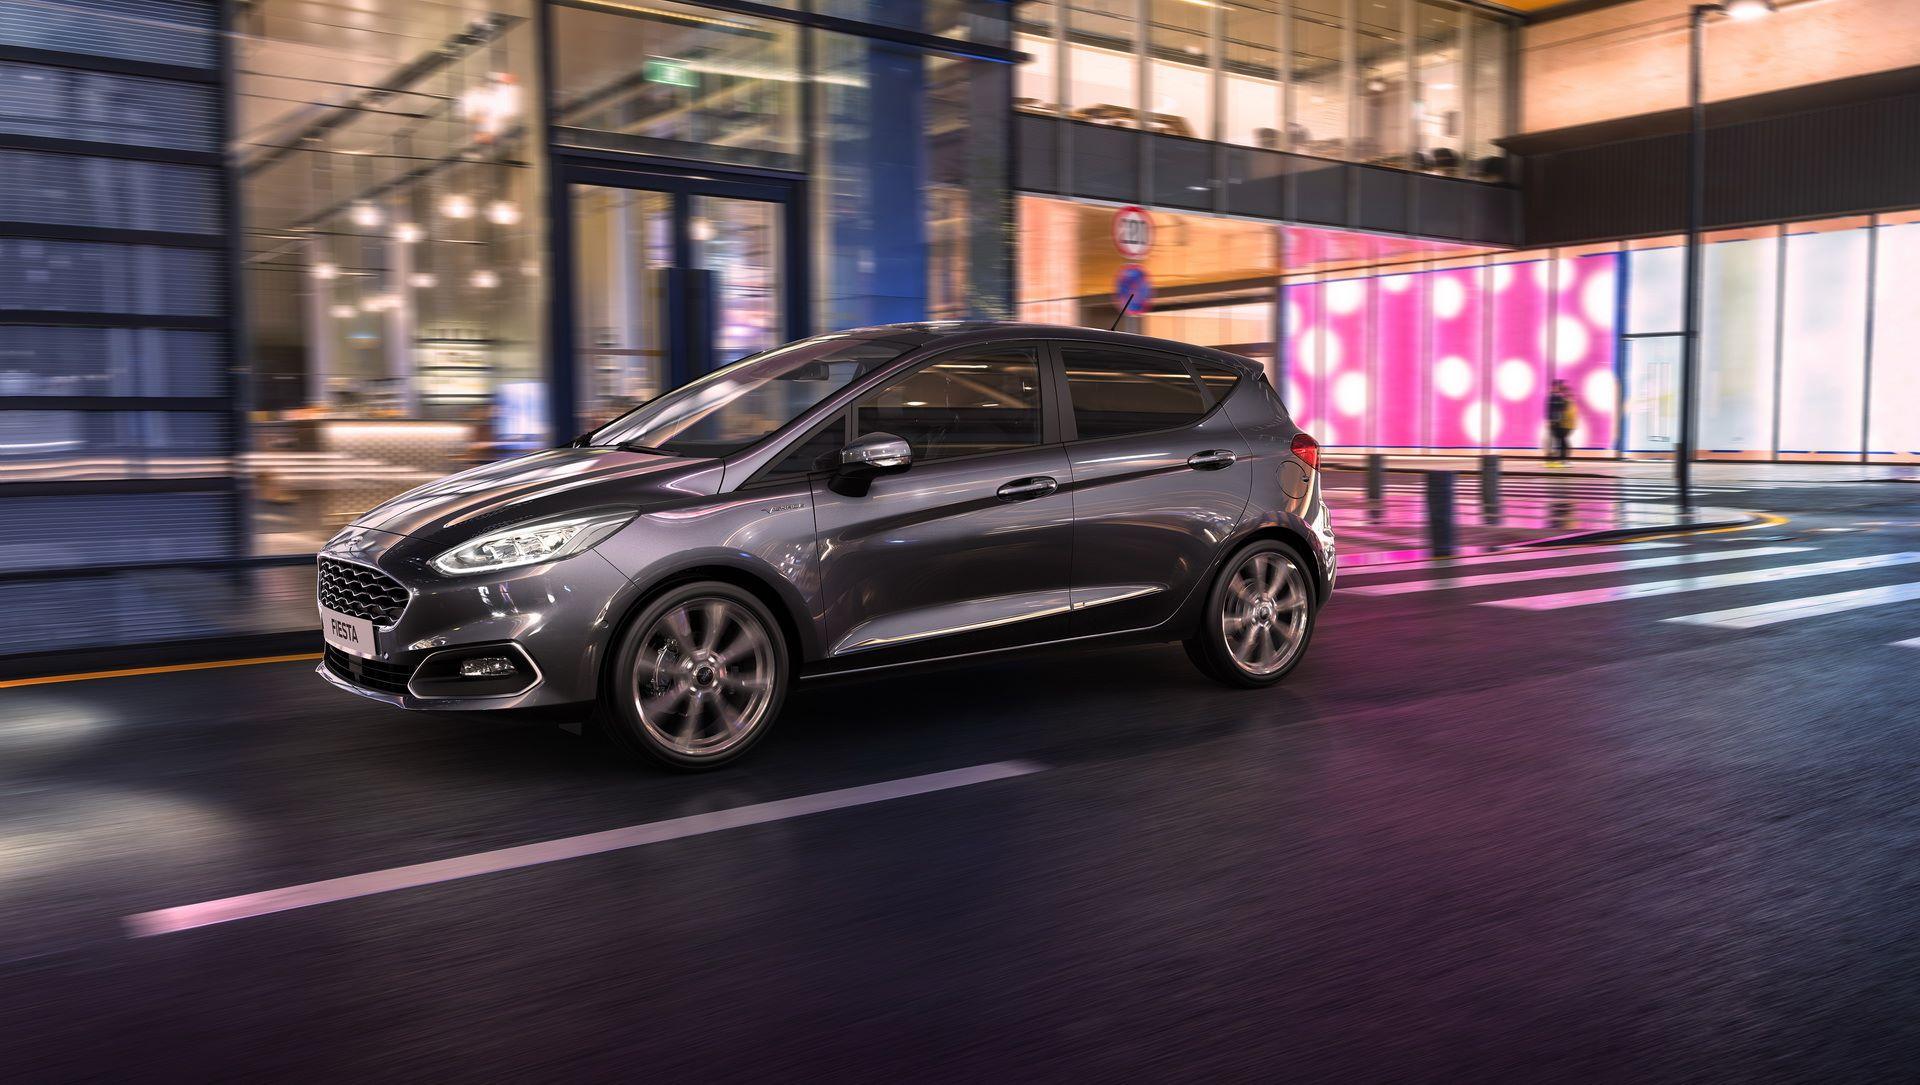 Ford-Fiesta-Fiesta-Van-Mild-Hybrid-3